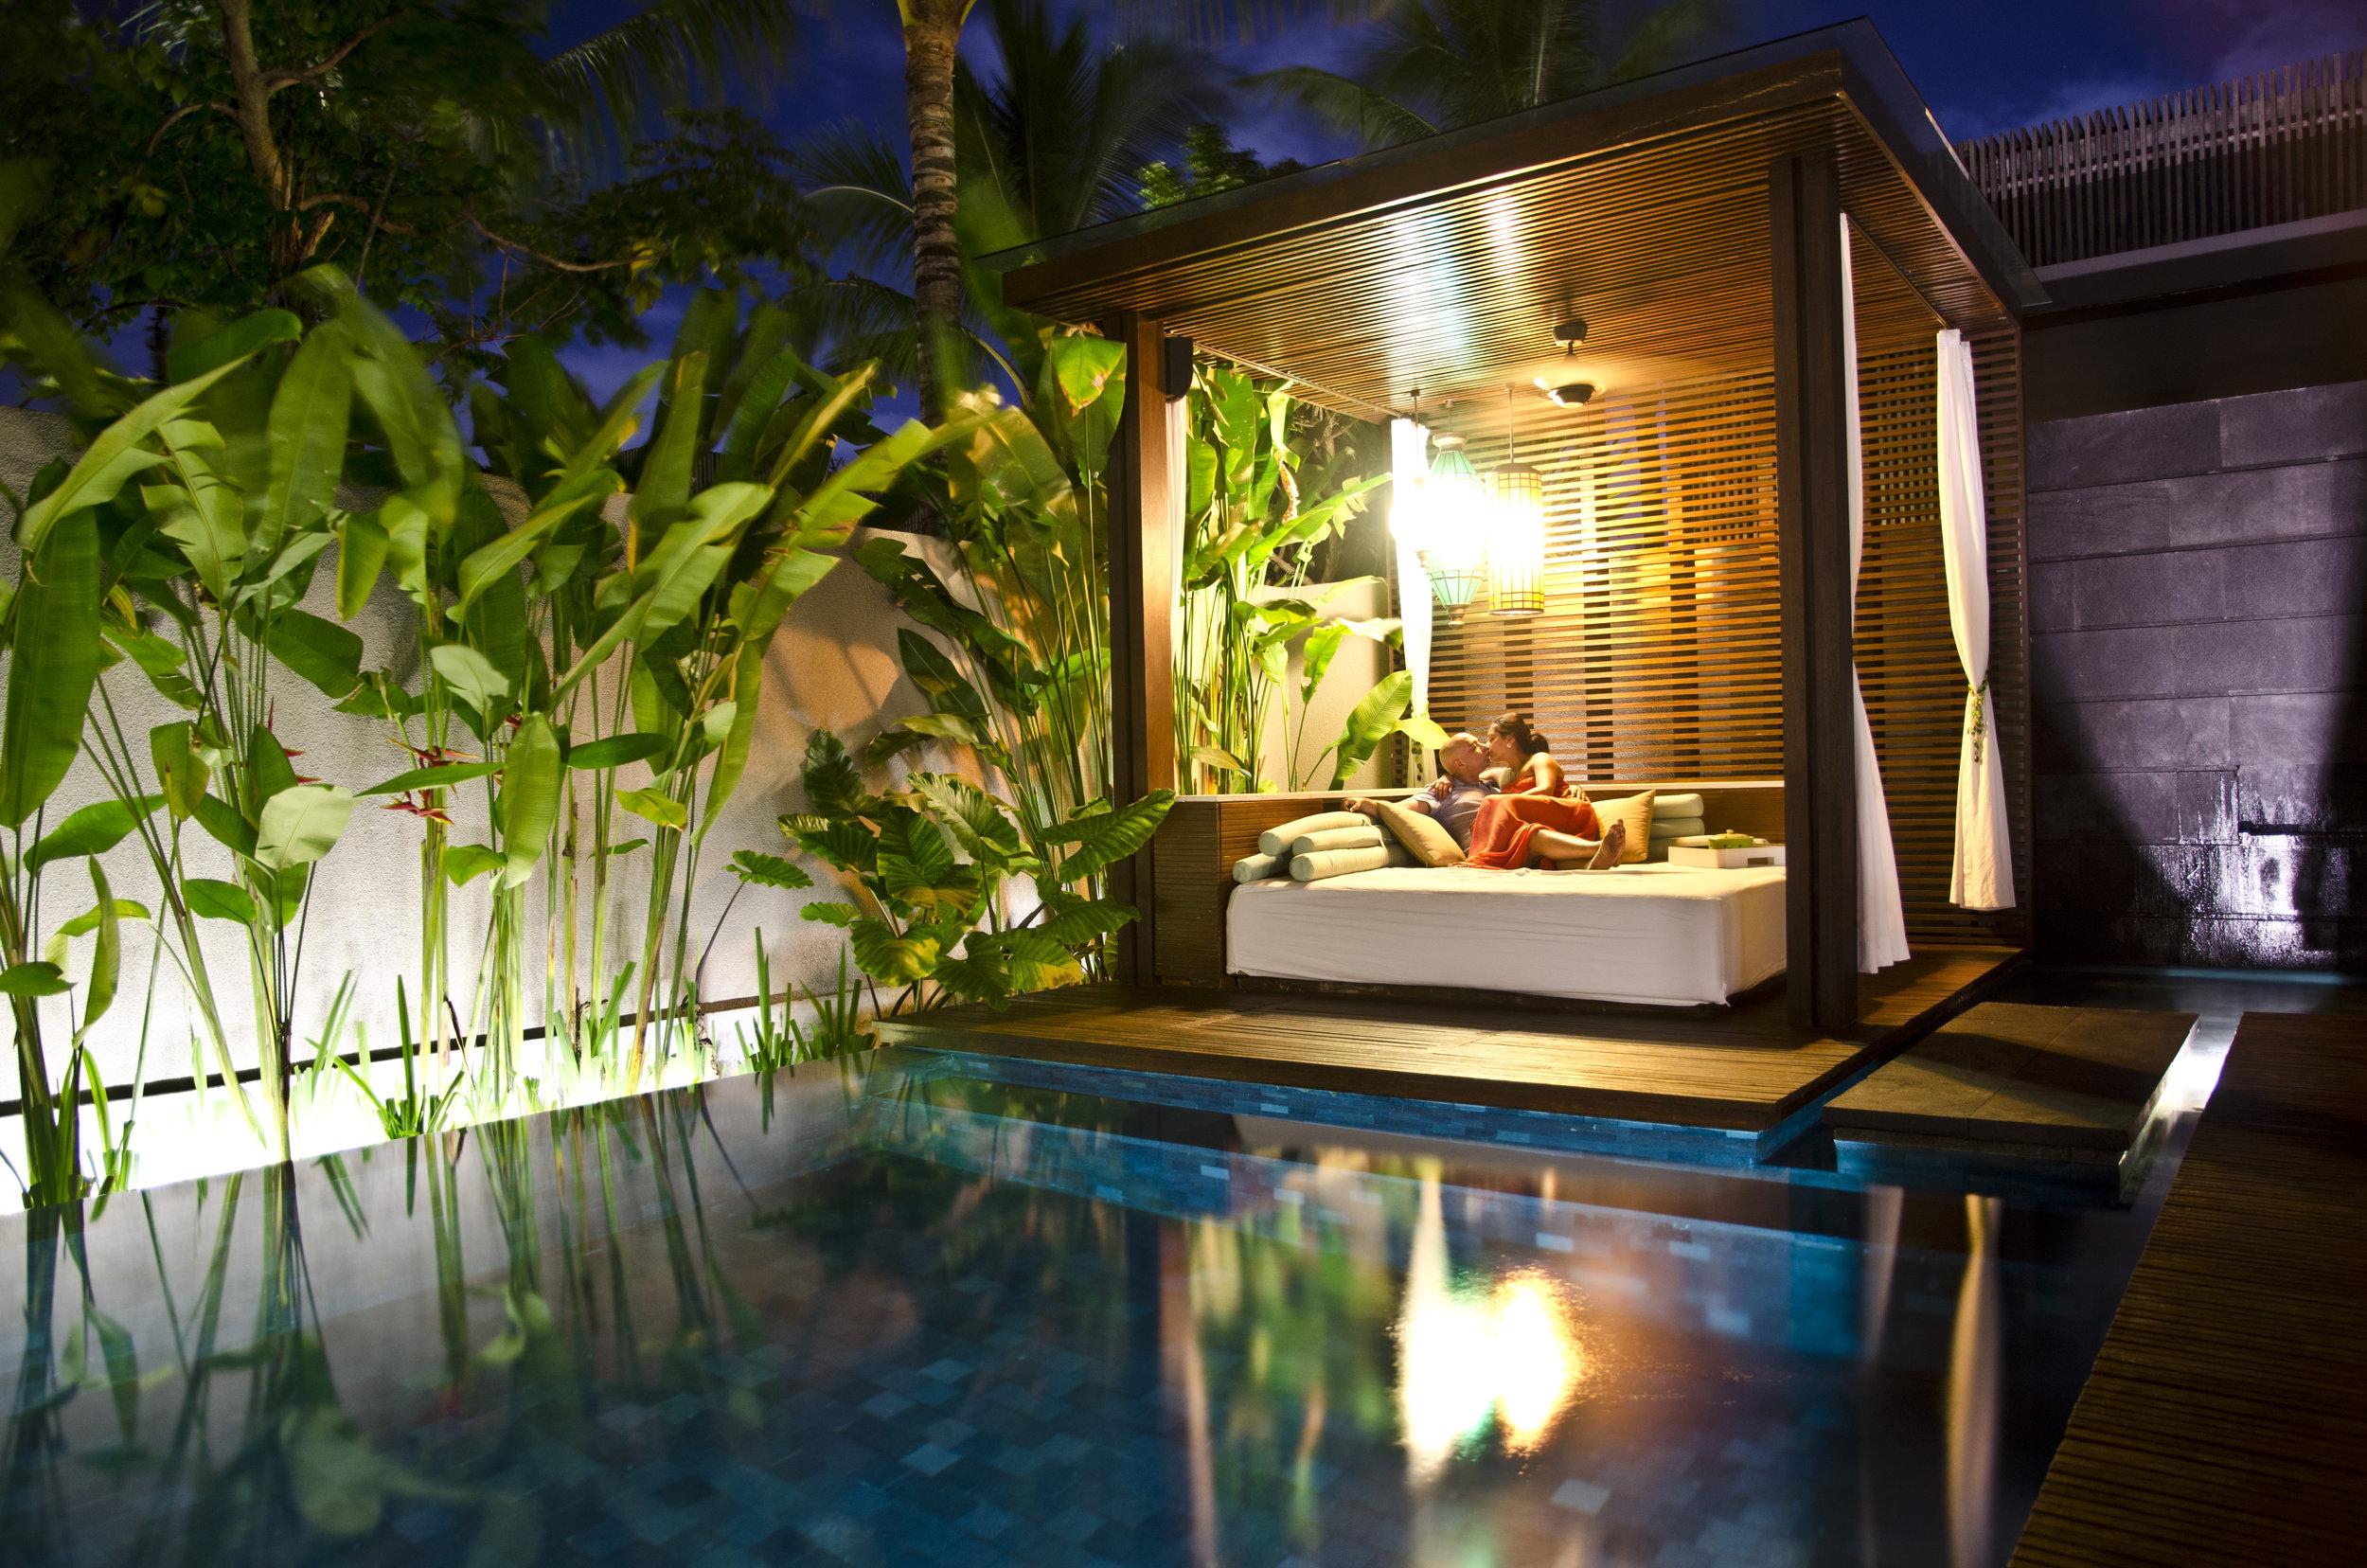 Bali2012-022.jpg